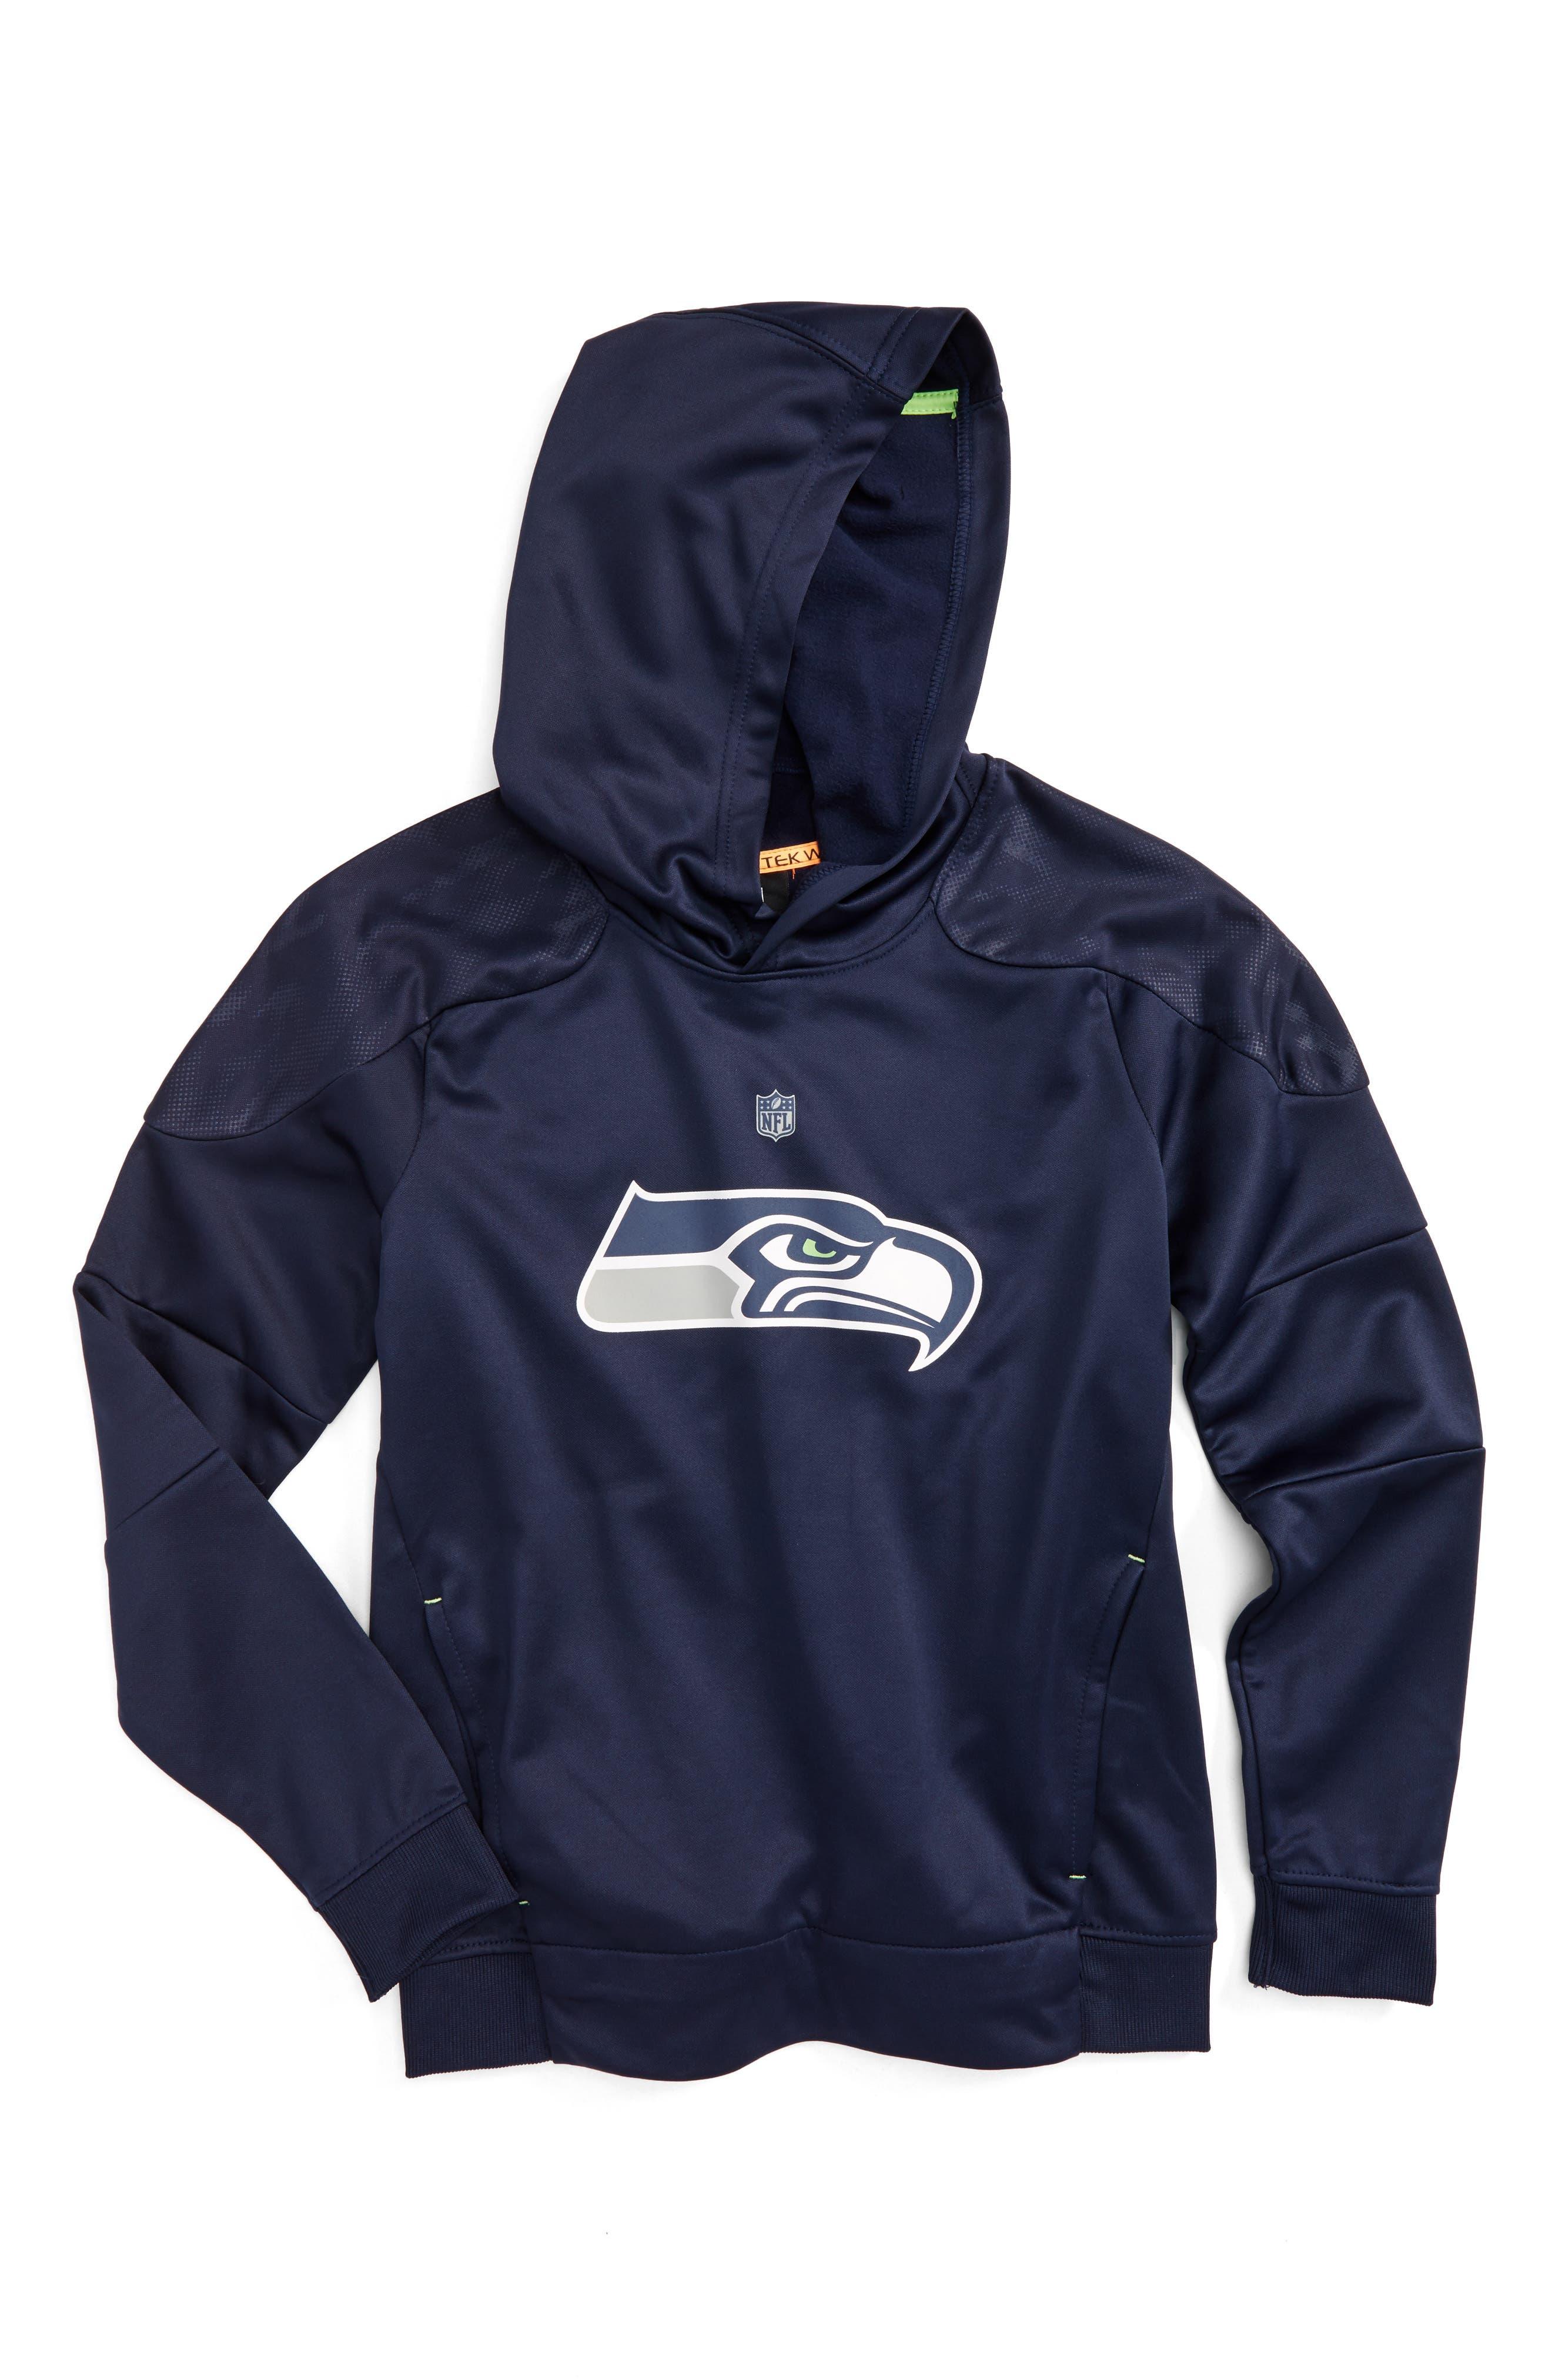 NFL Seattle Seahawks Hoodie,                         Main,                         color, Navy